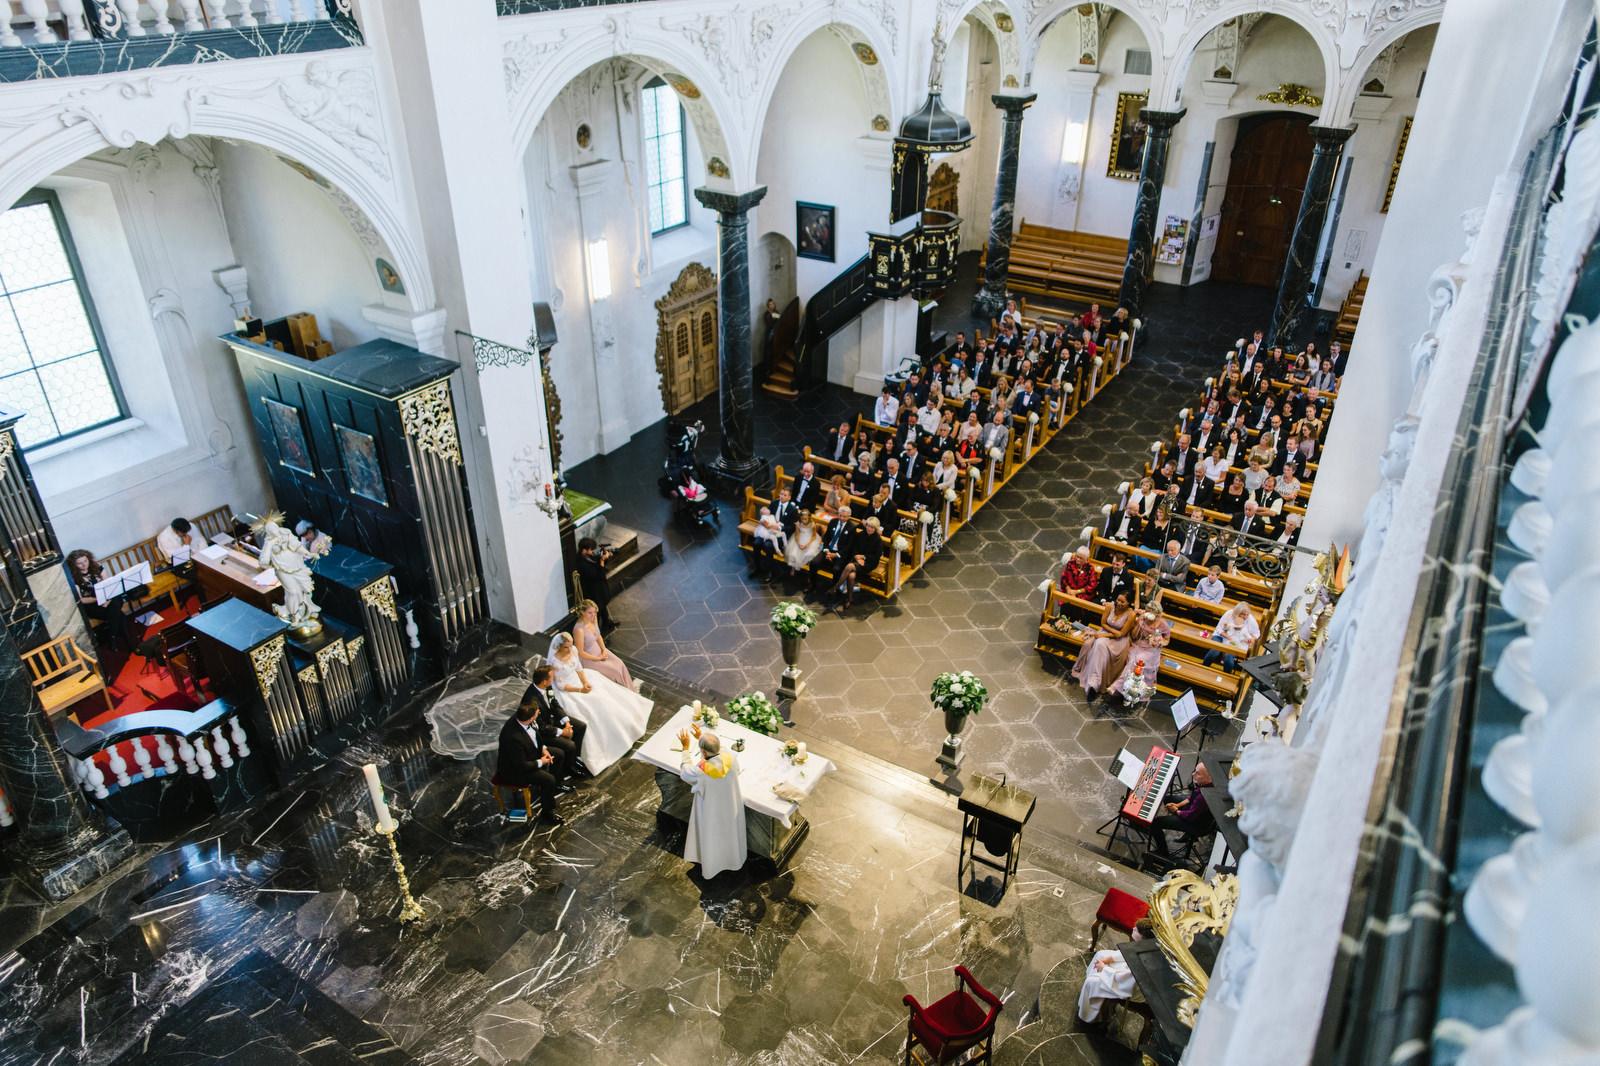 Fotograf Konstanz - Luxus Hochzeit Fotograf Grand Resort Bad Ragaz Schweiz Lichtenstein 069 - Destination wedding at the Grand Resort Bad Ragaz, Swiss  - 144 -